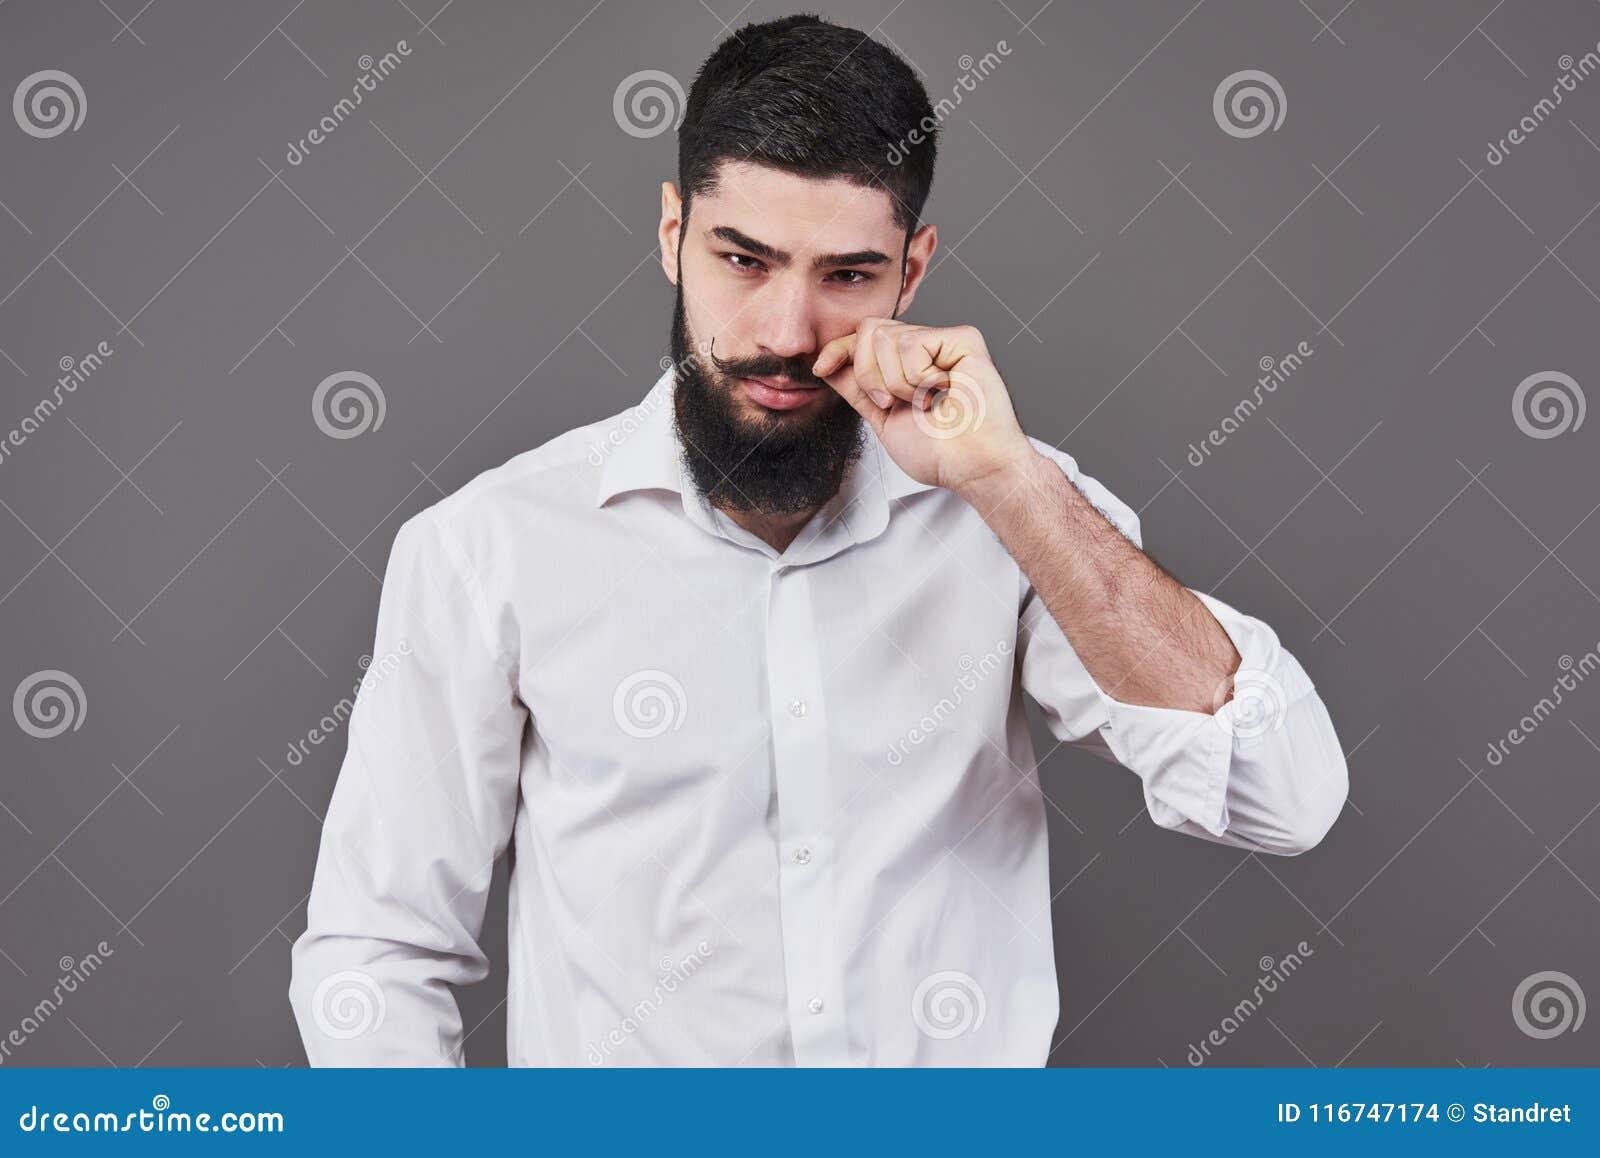 Hipster med den allvarliga framsidan mening och sinnesrörelser Grabb eller skäggig man på grå bakgrund Barberaremode och skönhet